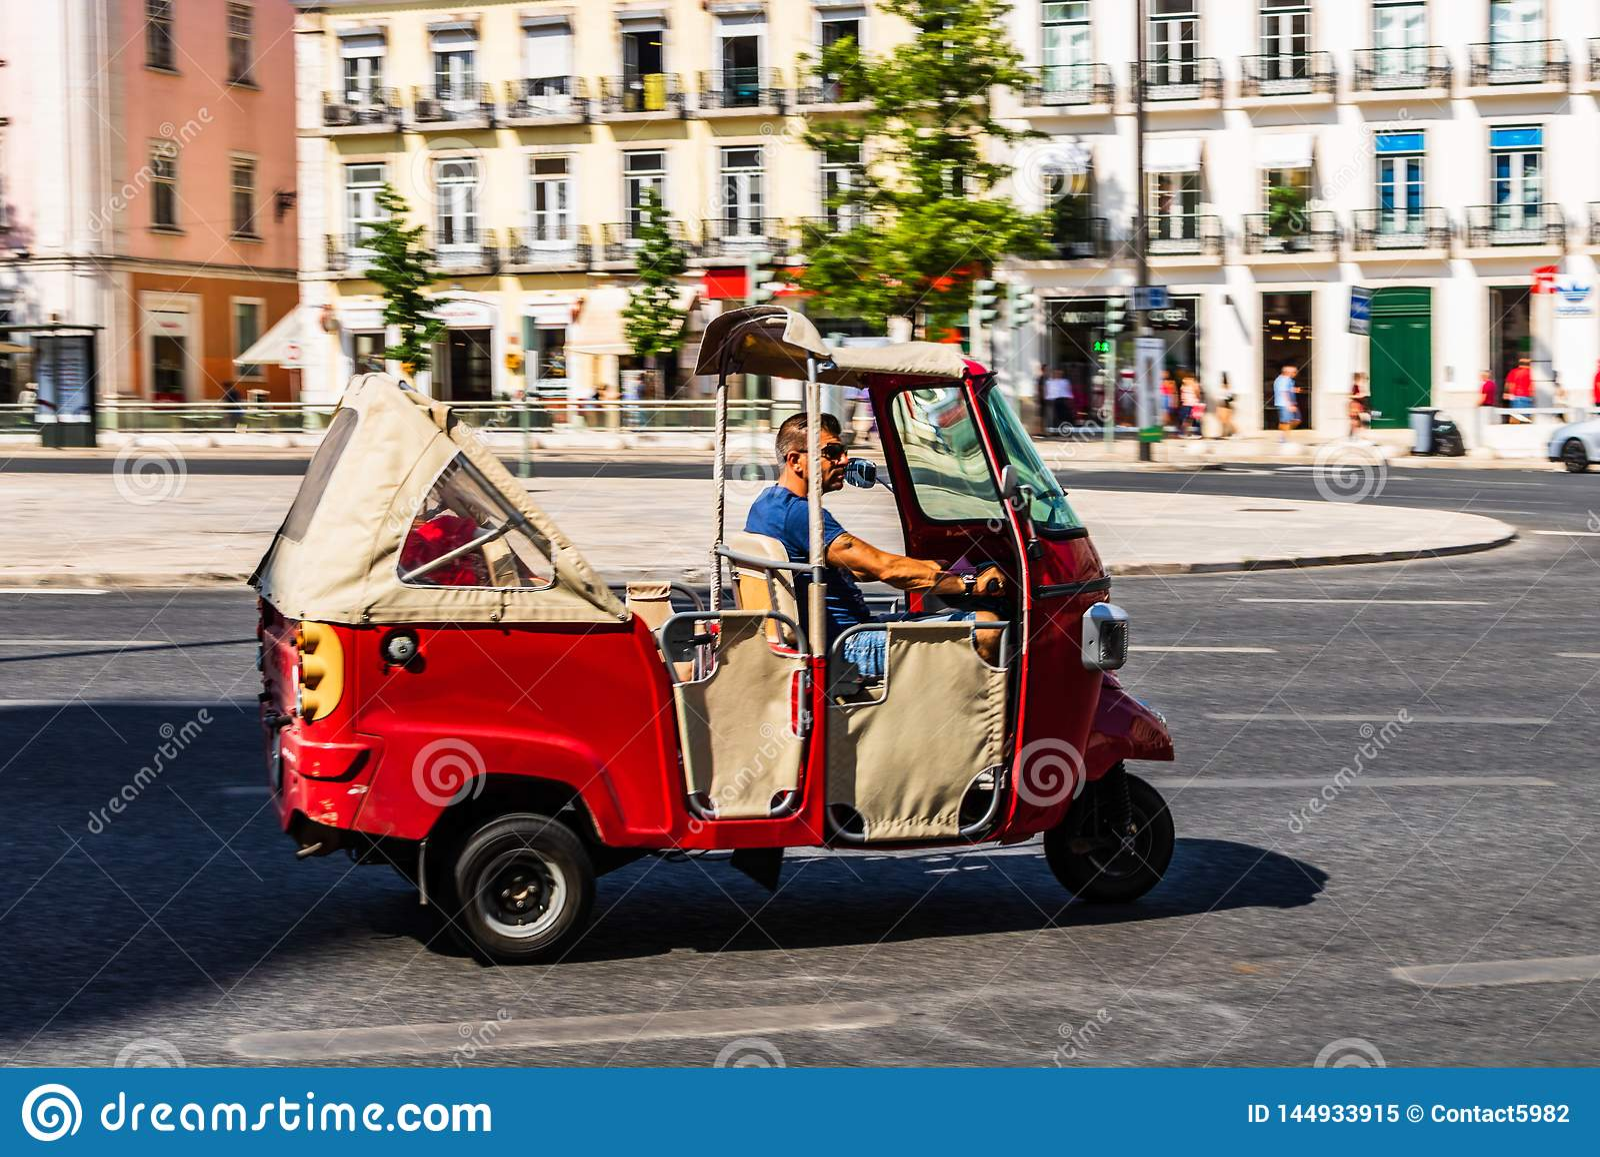 里斯本,葡萄牙- 2019年 游人的红色三轮车汽车在里斯本,葡萄牙